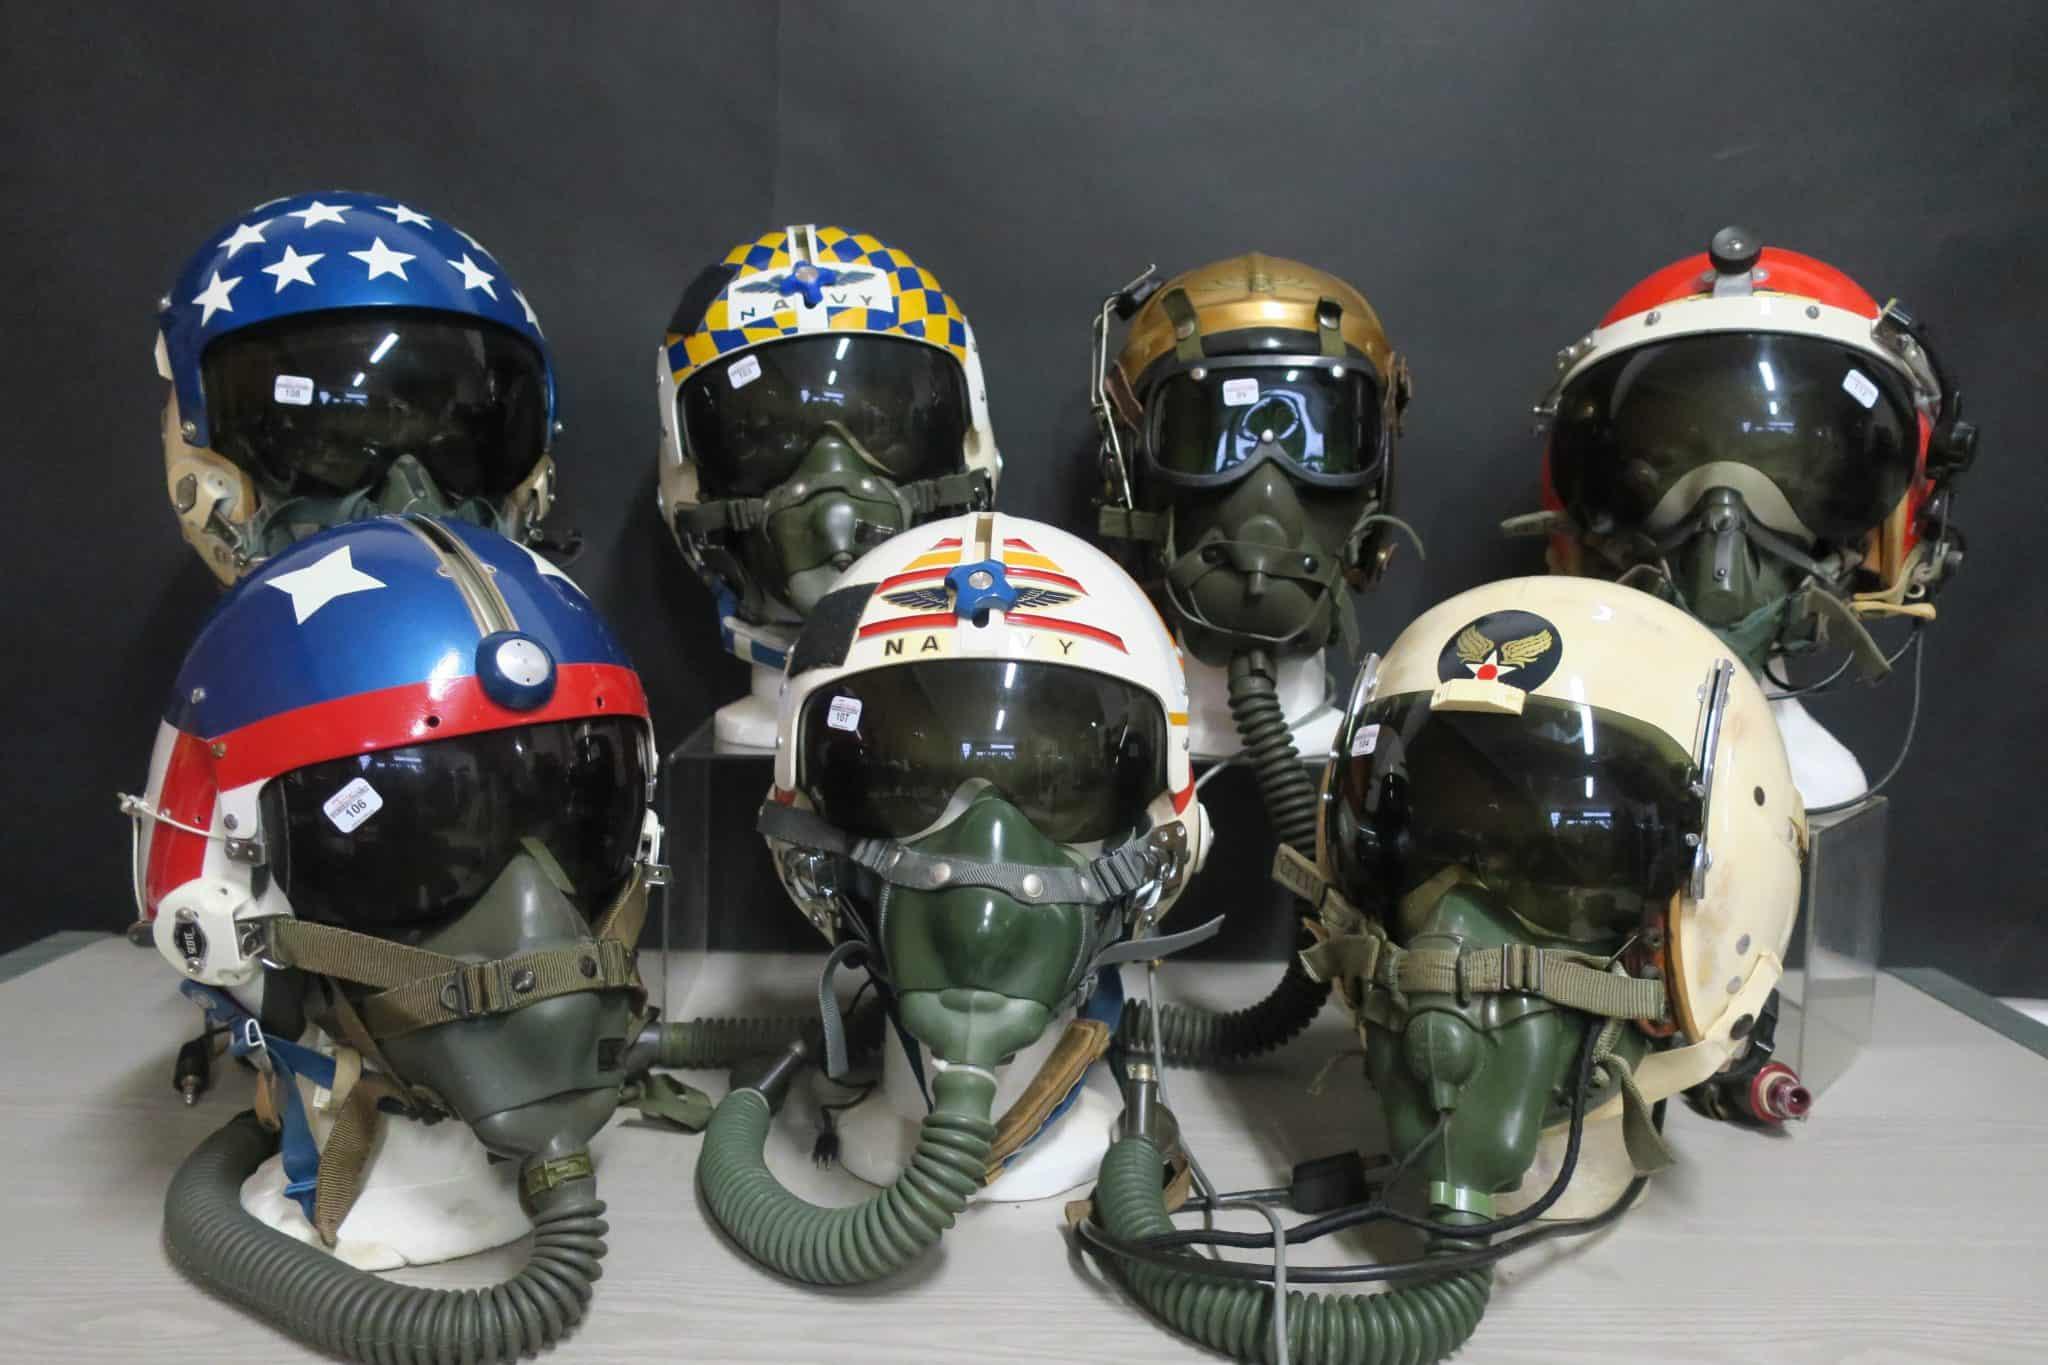 pilotes aéronautique encheres troyes auctionlab